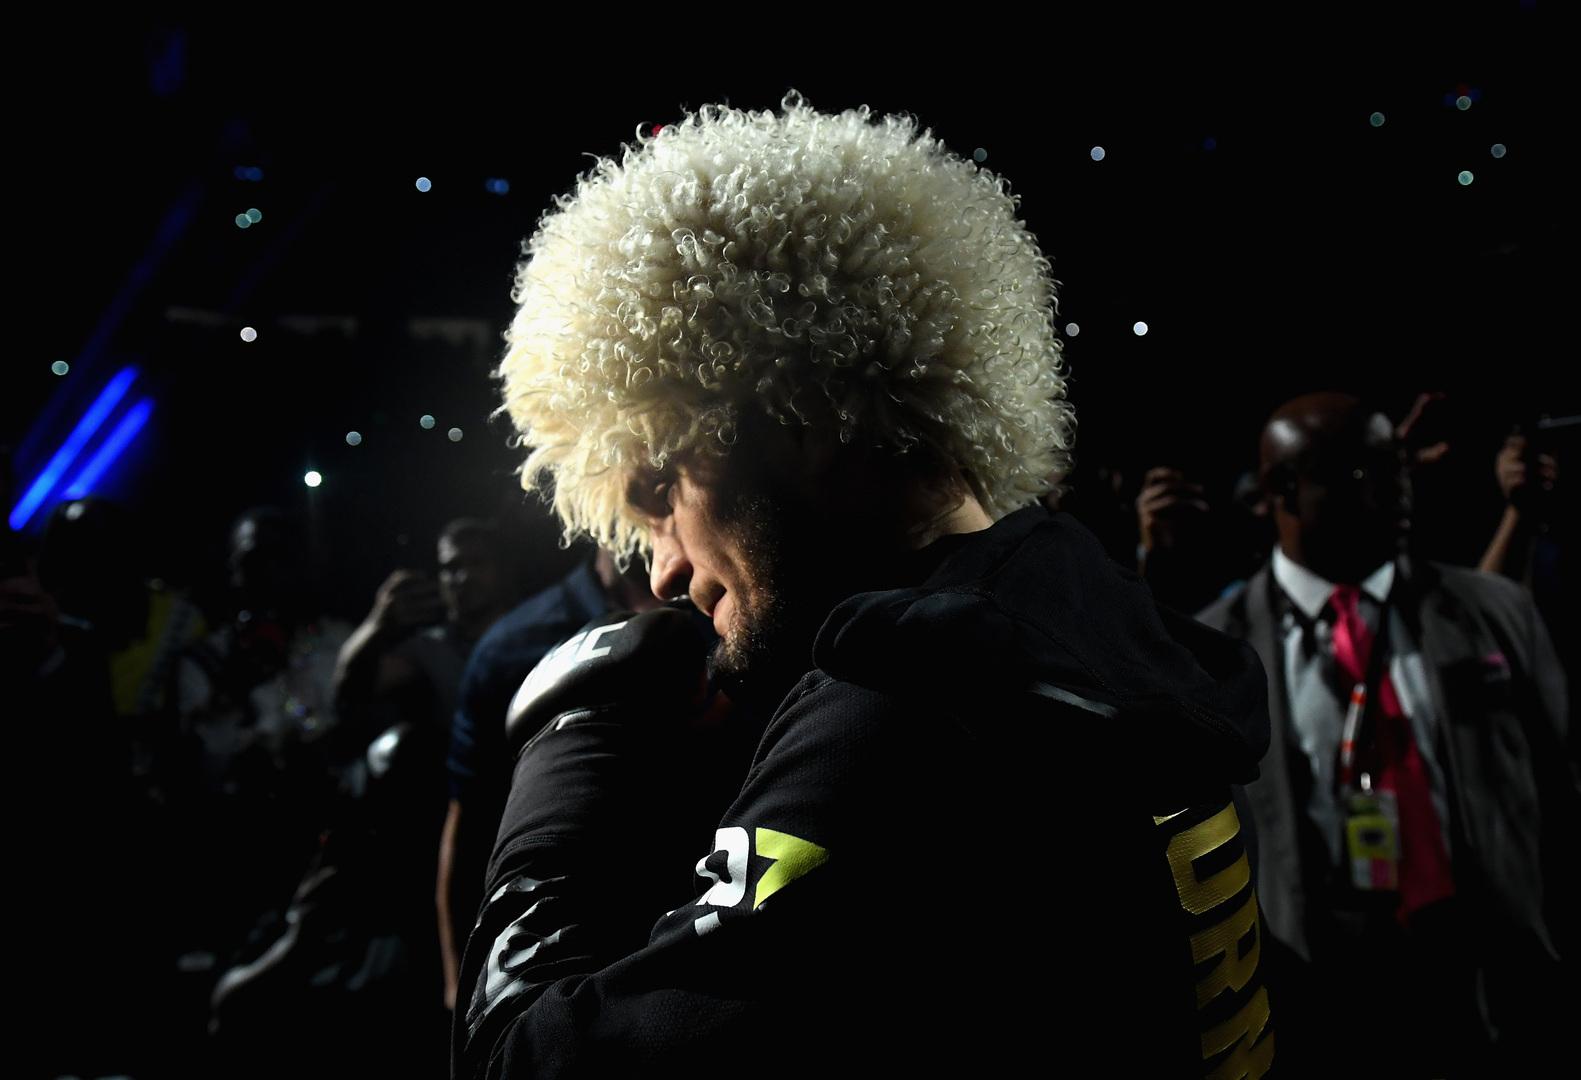 عودة حبيب لحلبة القتال مرهونة بليلة UFC 257